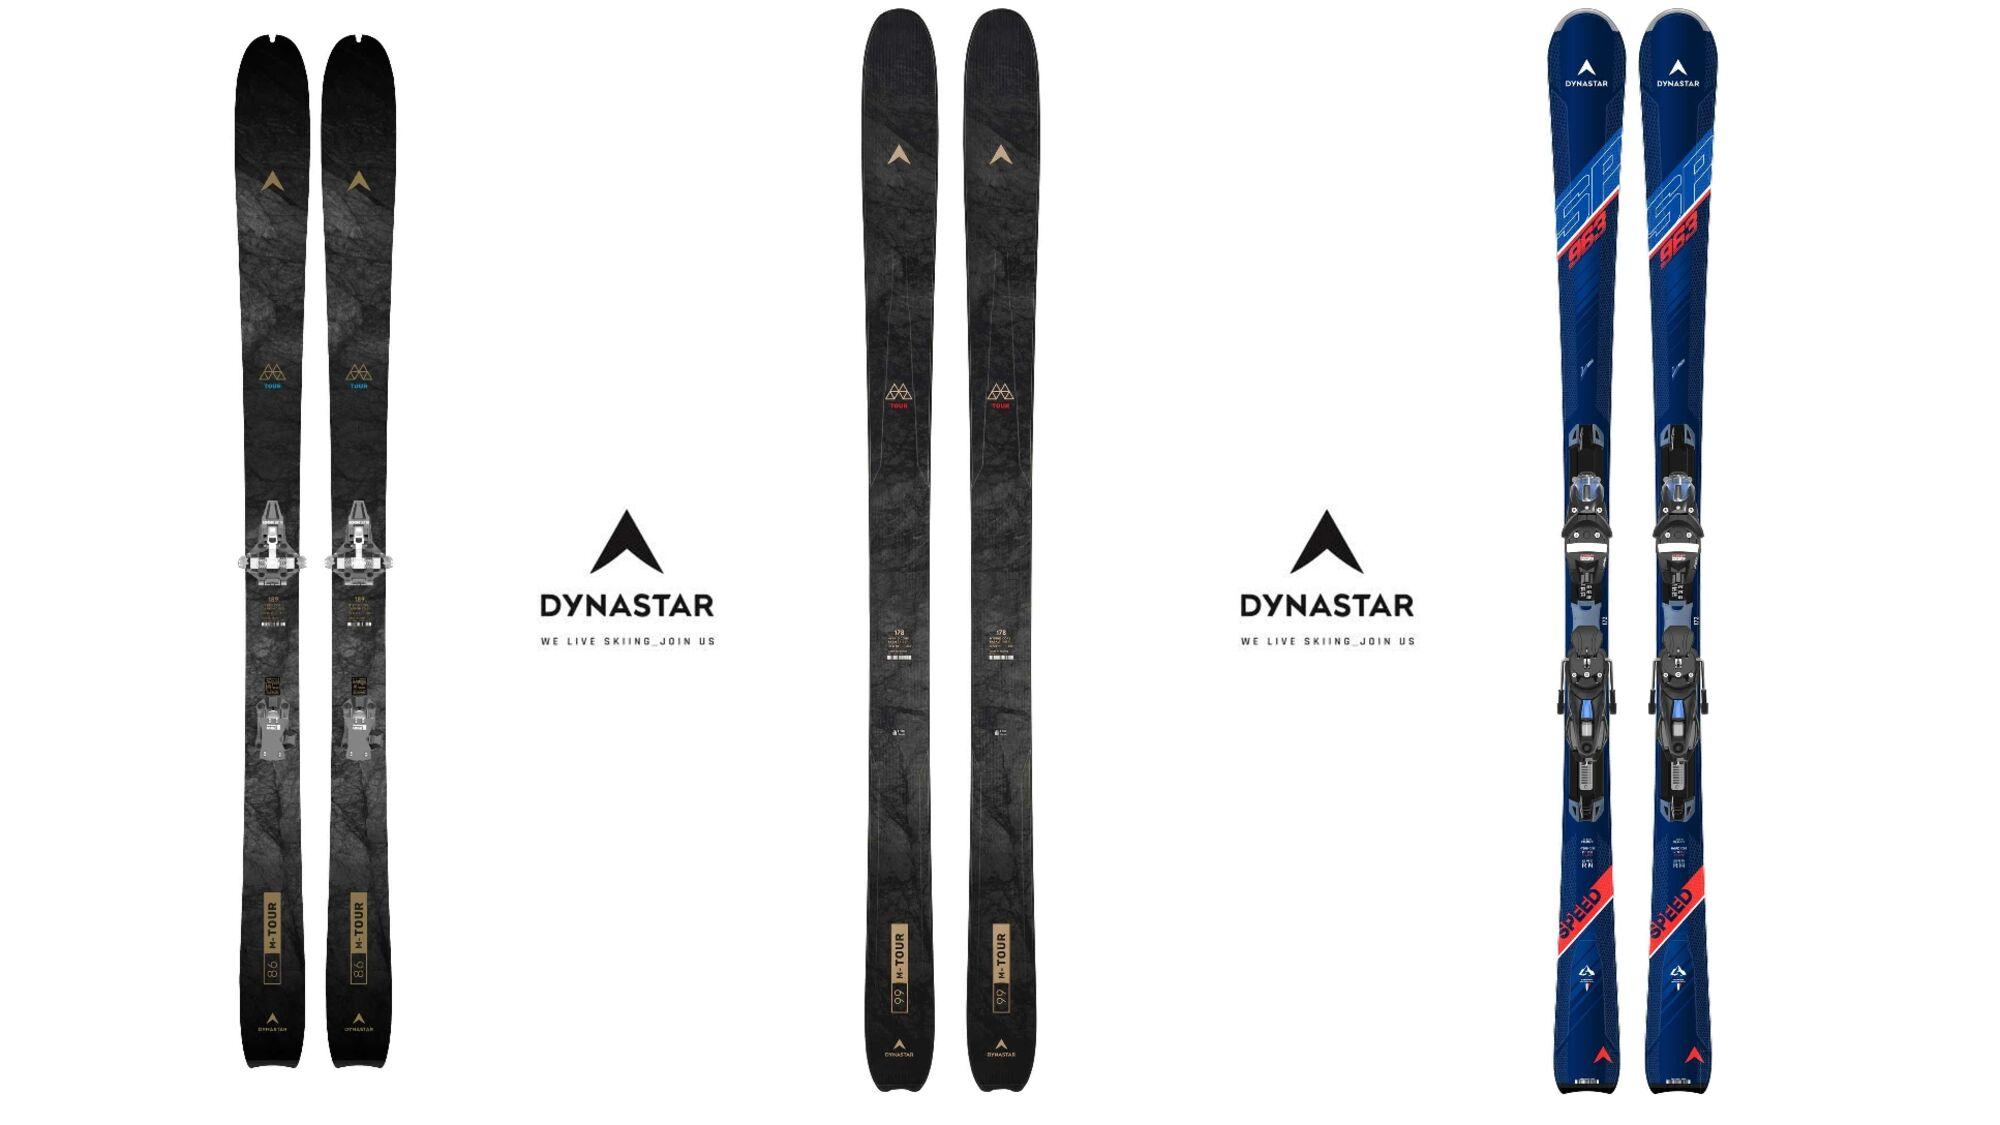 Dynastar Ski Neuheiten 2021/2022